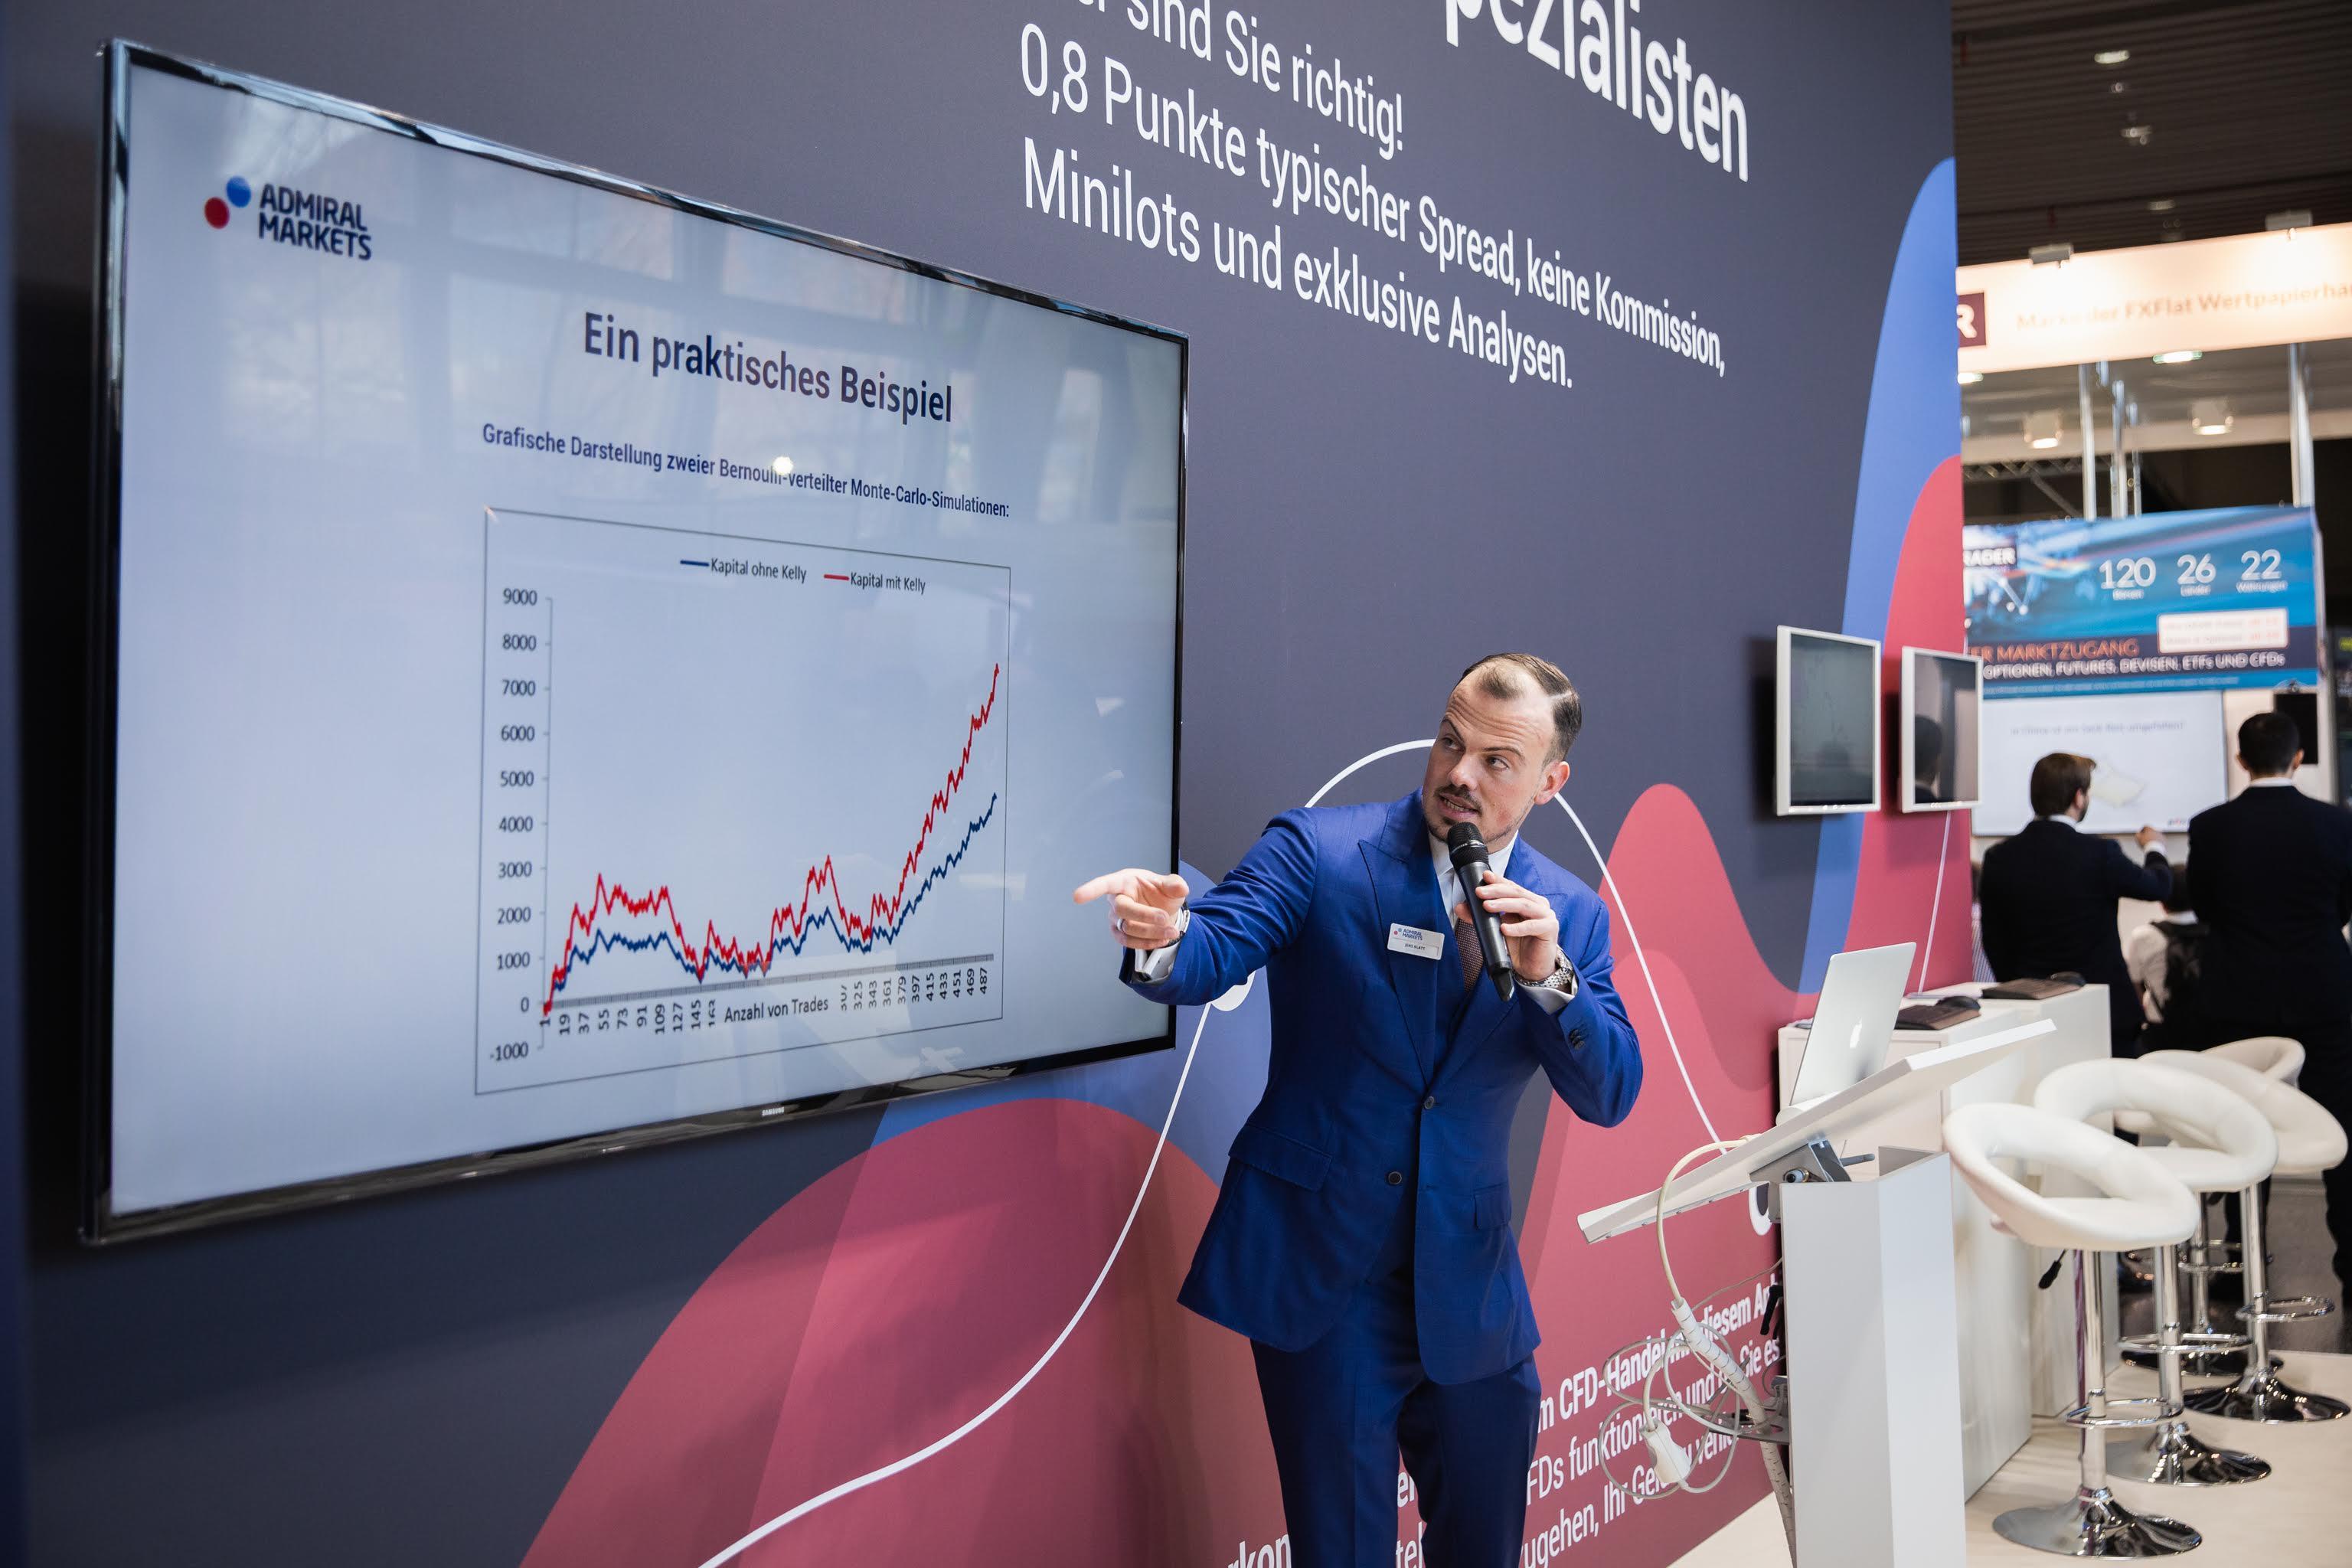 Jens Klatt iepazīstina ar iespējām samazināt potenciālos zaudējumus tirdzniecībā